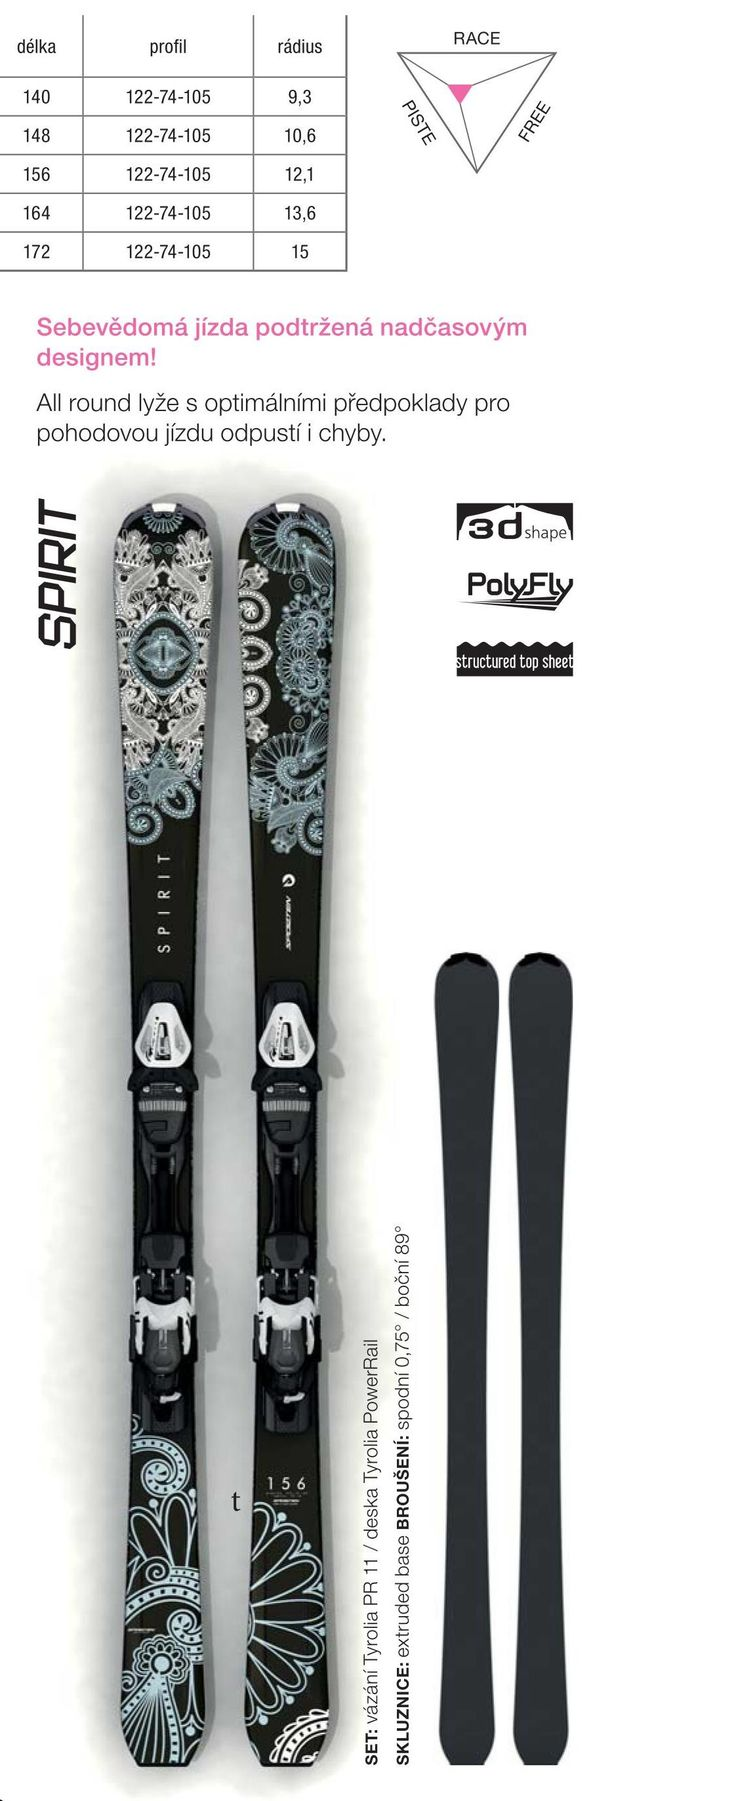 Women design - Sporten Spirit skis 2015/16 collection